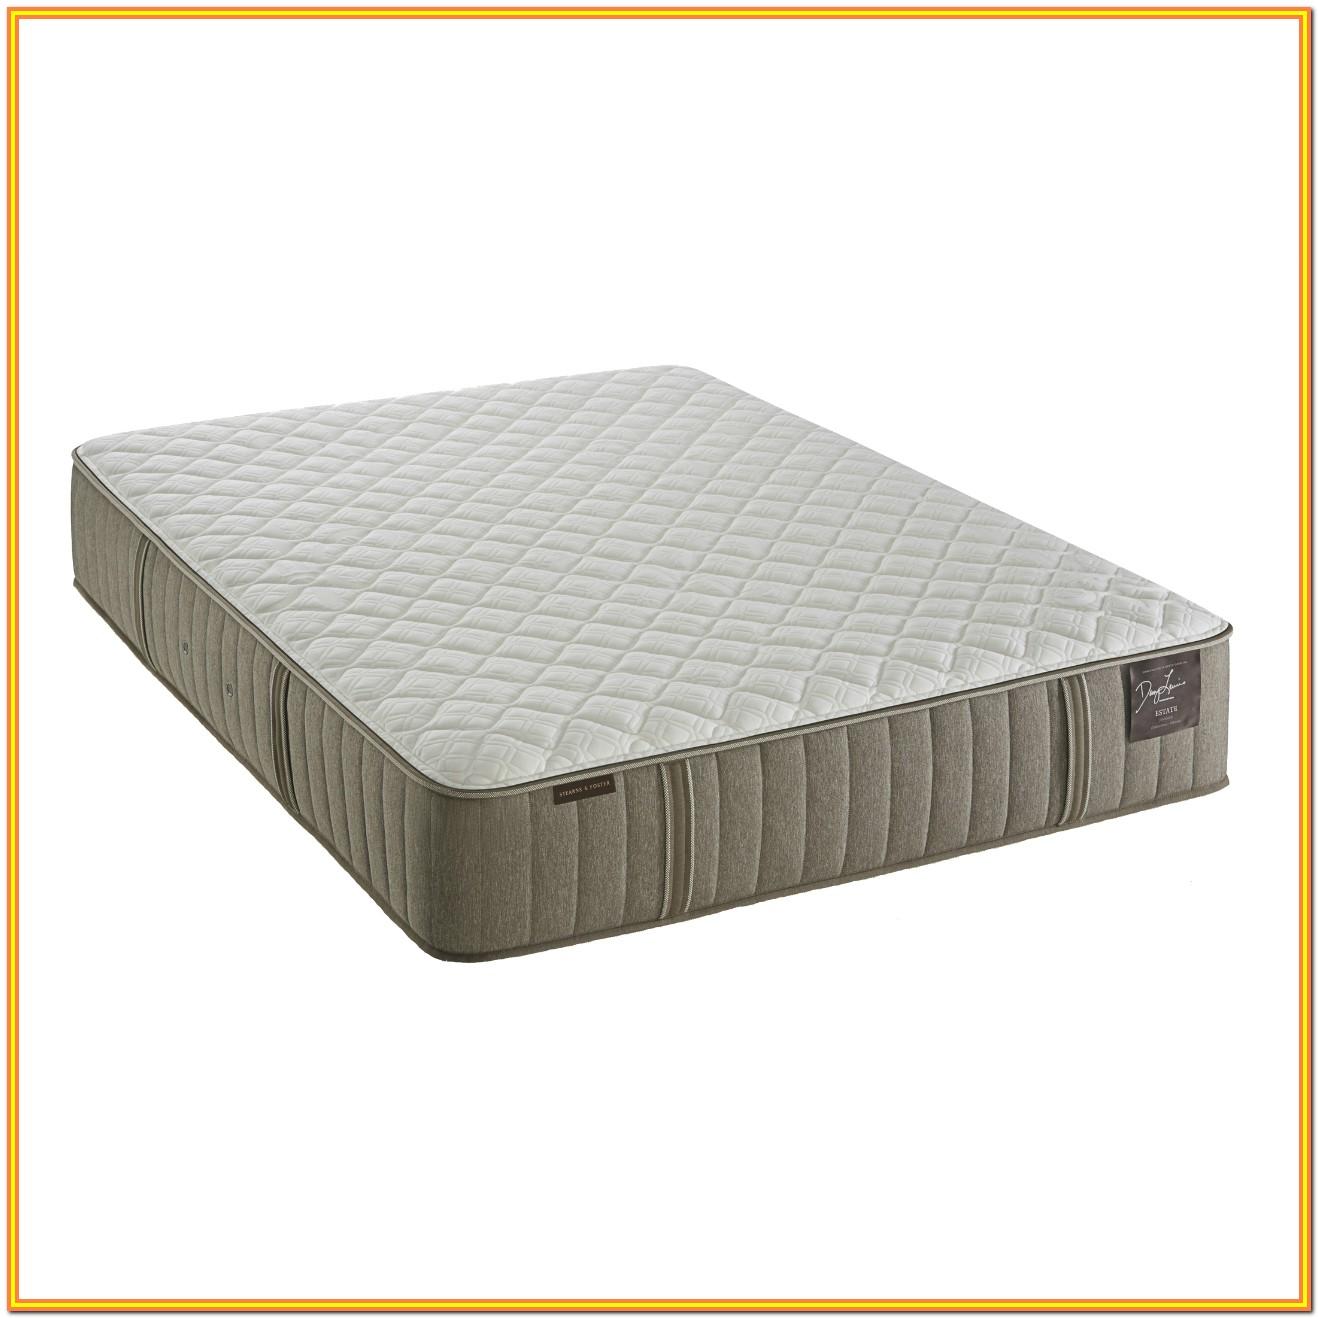 California King Bed Mattress Firm